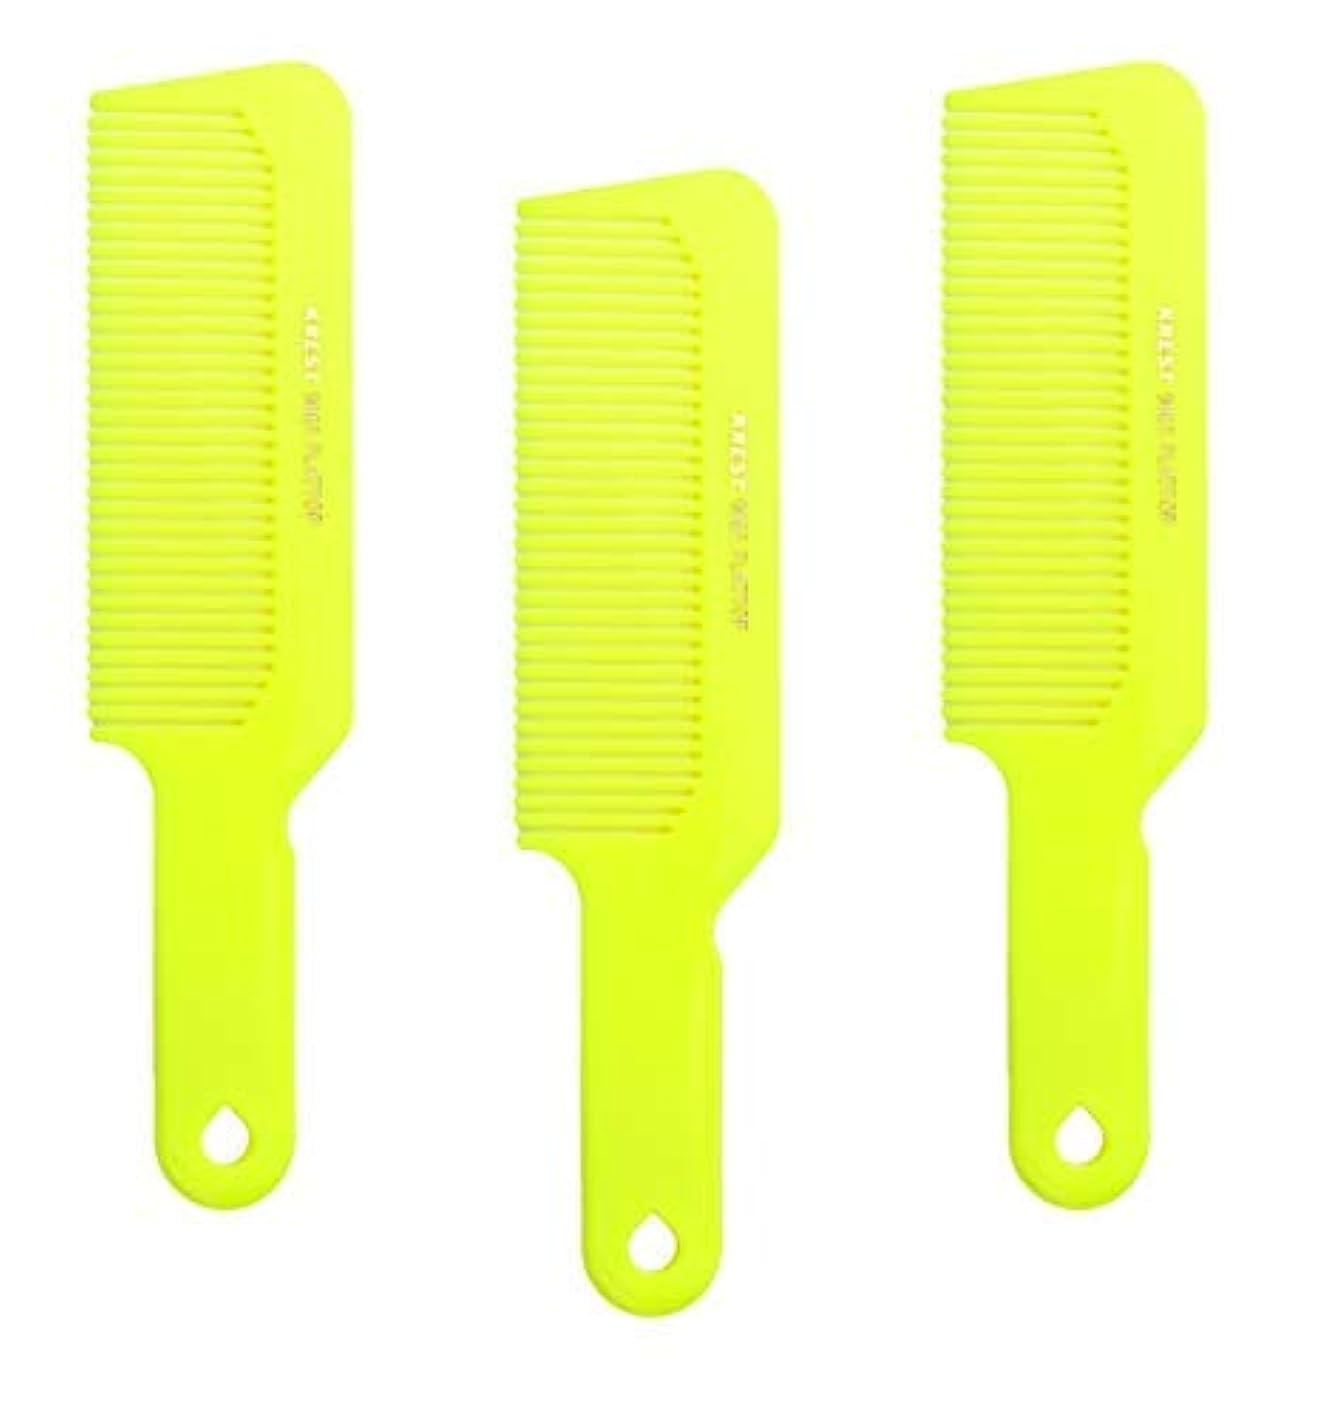 信仰ビュッフェセンチメンタルHair Comb 8-3/4 Flattop Hair Cutting Comb. Barbers Hairdresser Comb. Model 9001. 3 Combs (Neon Yellow) [並行輸入品]